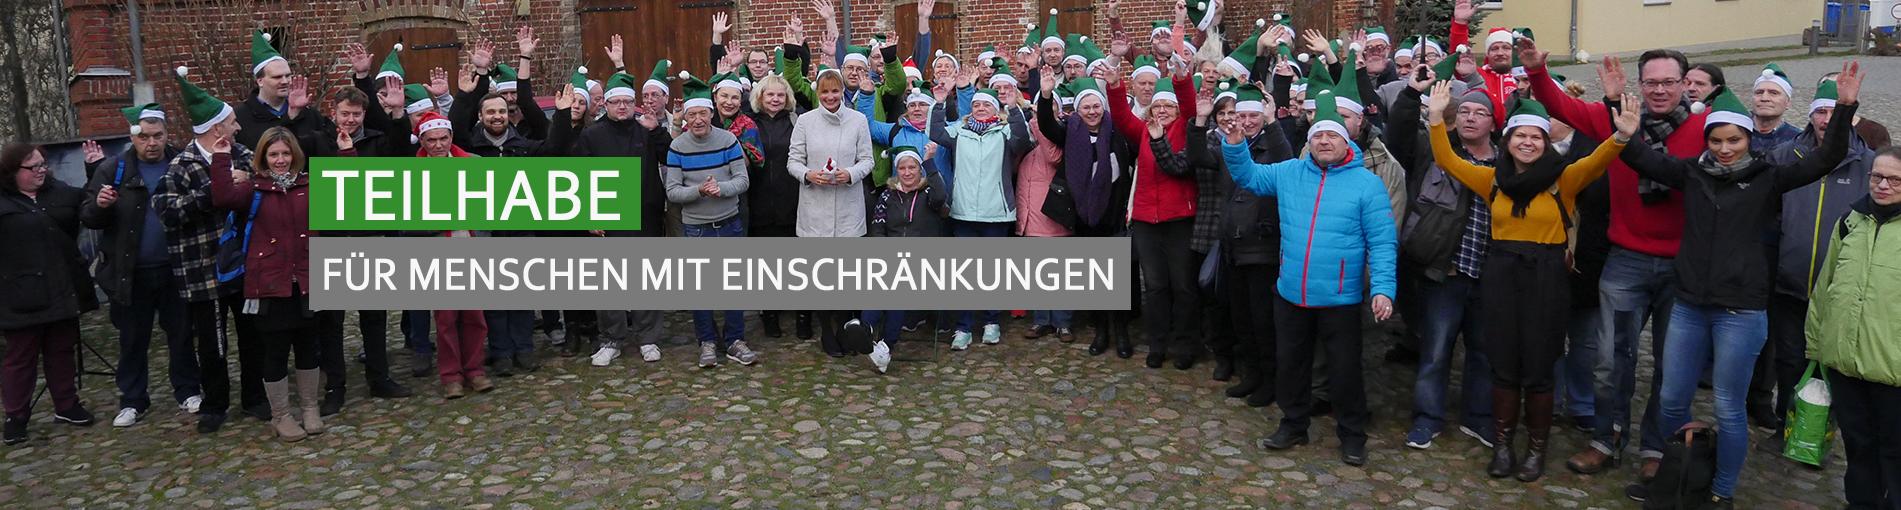 """Gruppenfoto von Klienten vor einer alten Scheune auf dem Hönower Bauernhof. Alle reißen die Arme in die Luft und haben grüne Weihnachtsmützen auf. Auf dem Bild steht in weißen Buchstaben """"Teilhabe"""" auf einem grünen Balken. Darunter """"Für Menschen mit Einschränkungen"""" auf grauem Balken"""